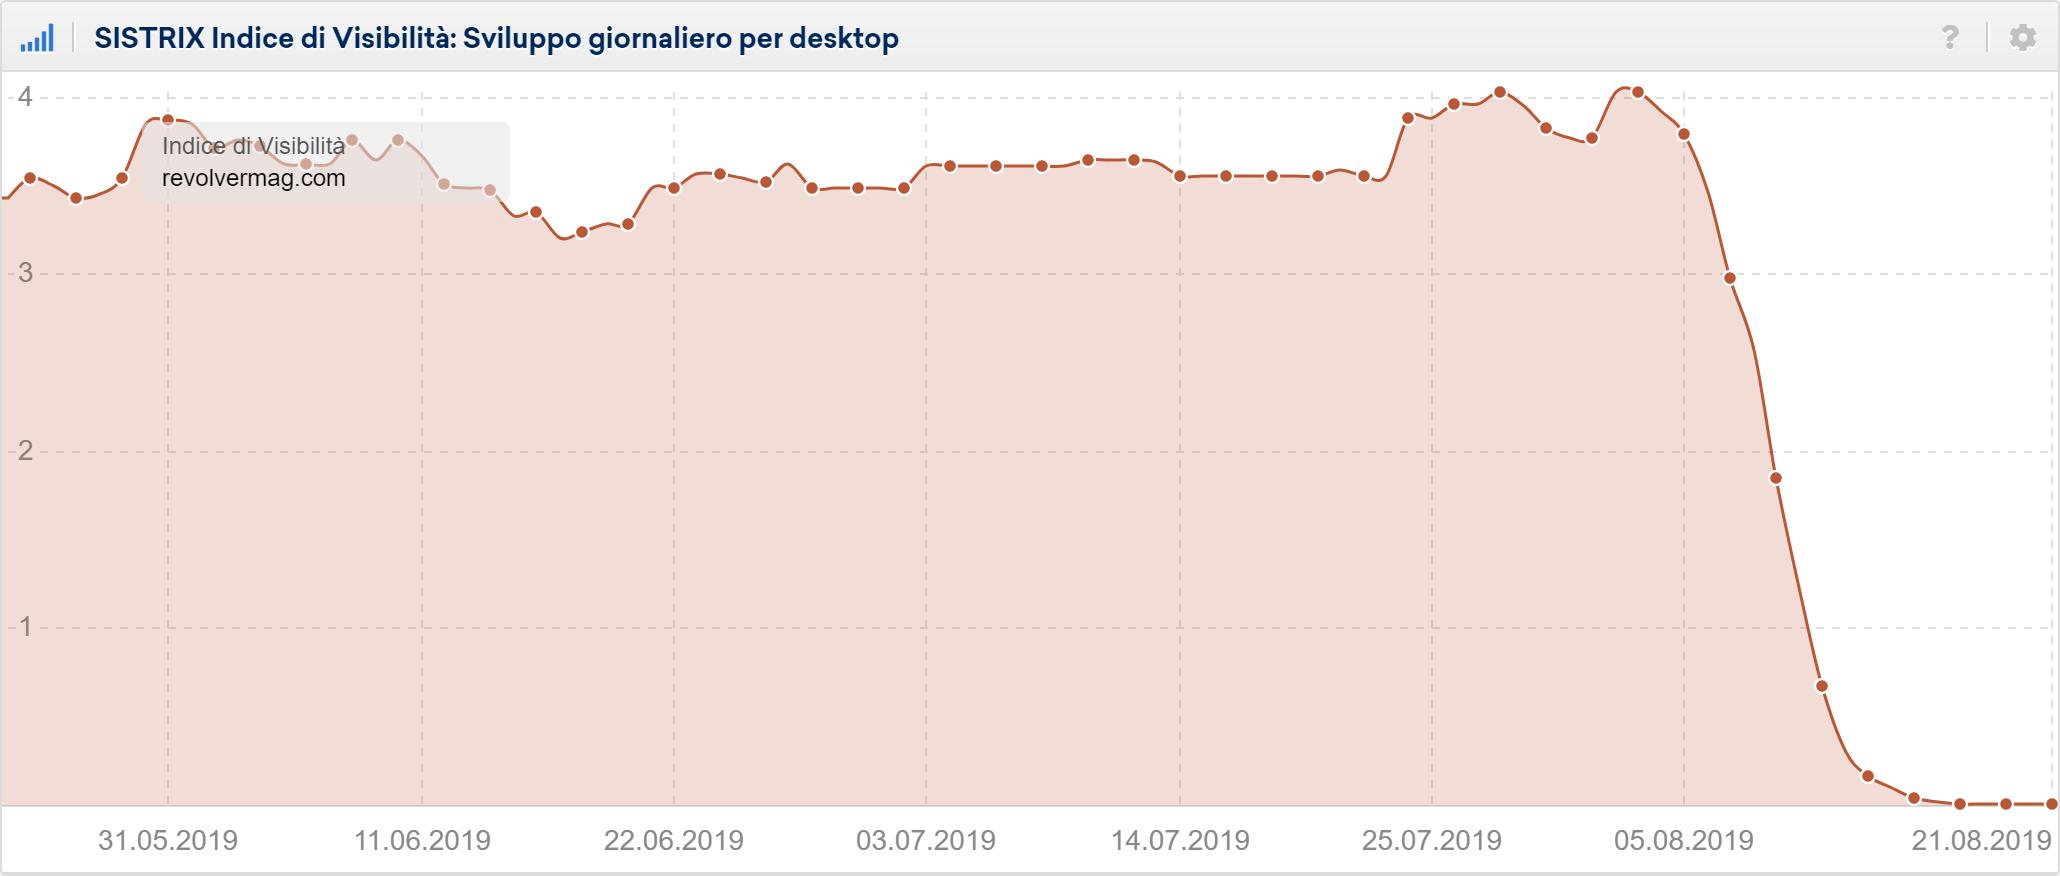 Toolbox SISTRIX: Indice di Visibilità giornaliero di revolvermag.com